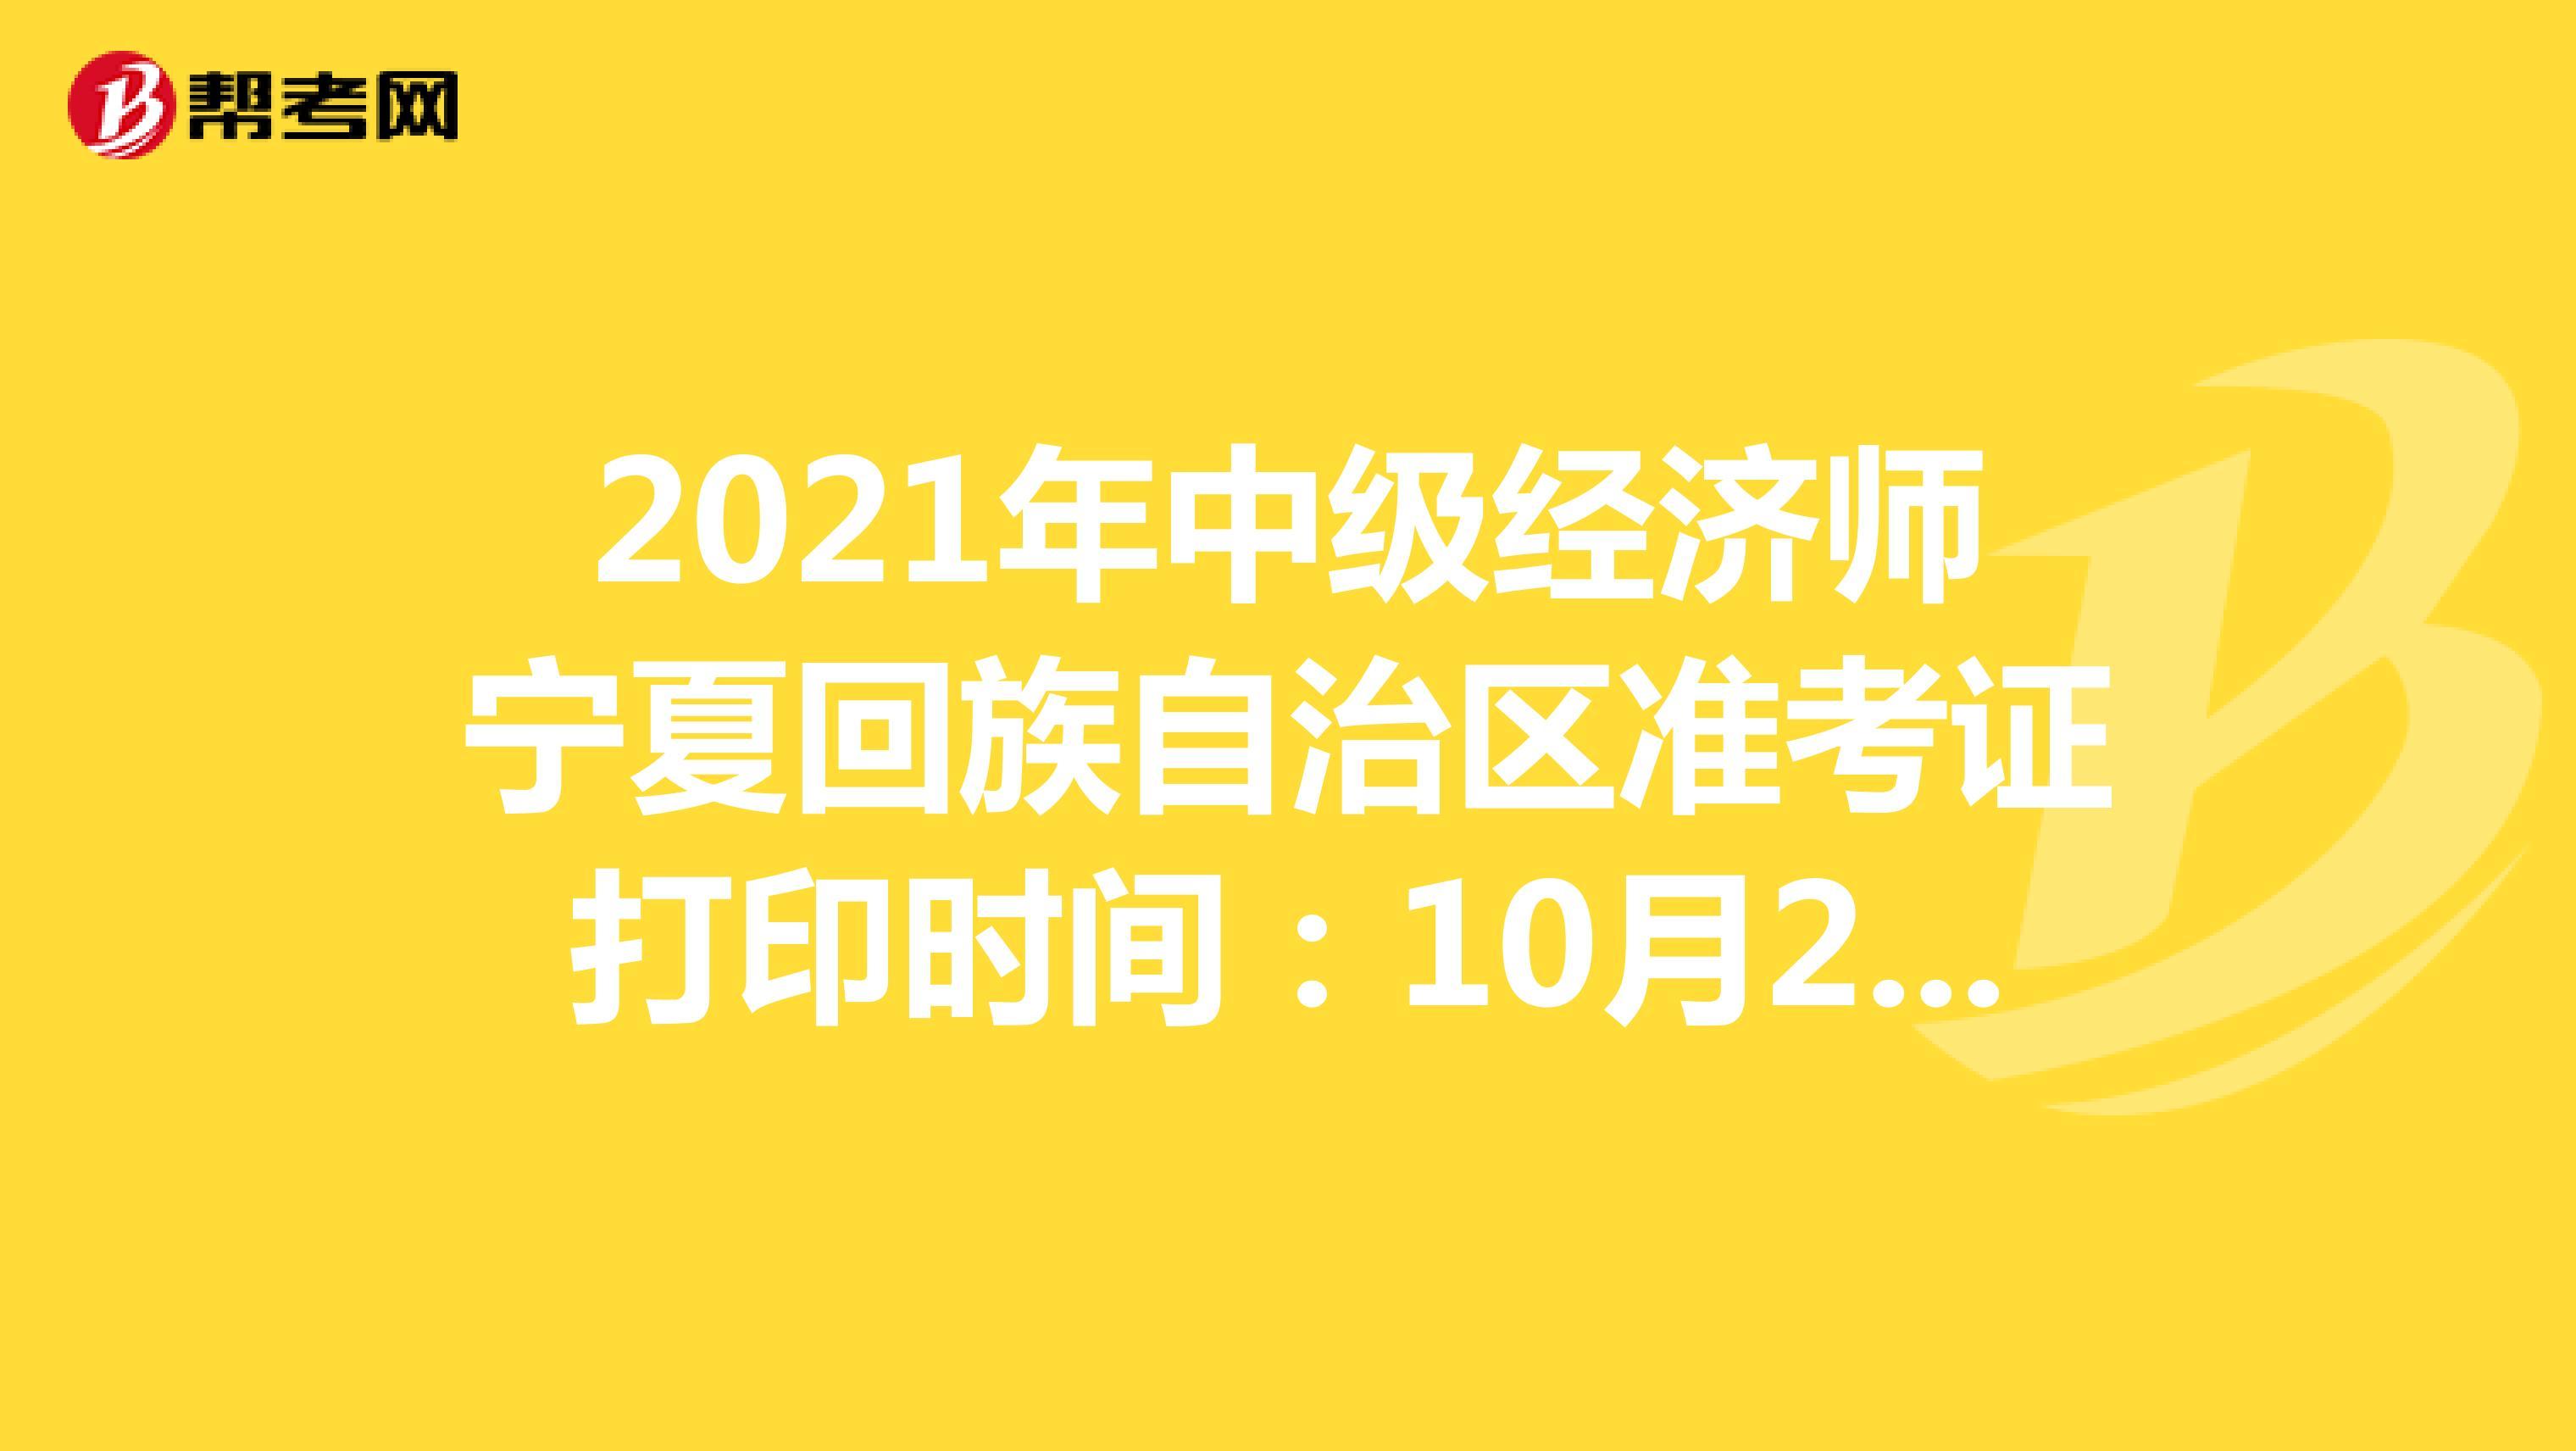 2021年中级经济师宁夏回族自治区准考证打印时间:10月25日-29日!